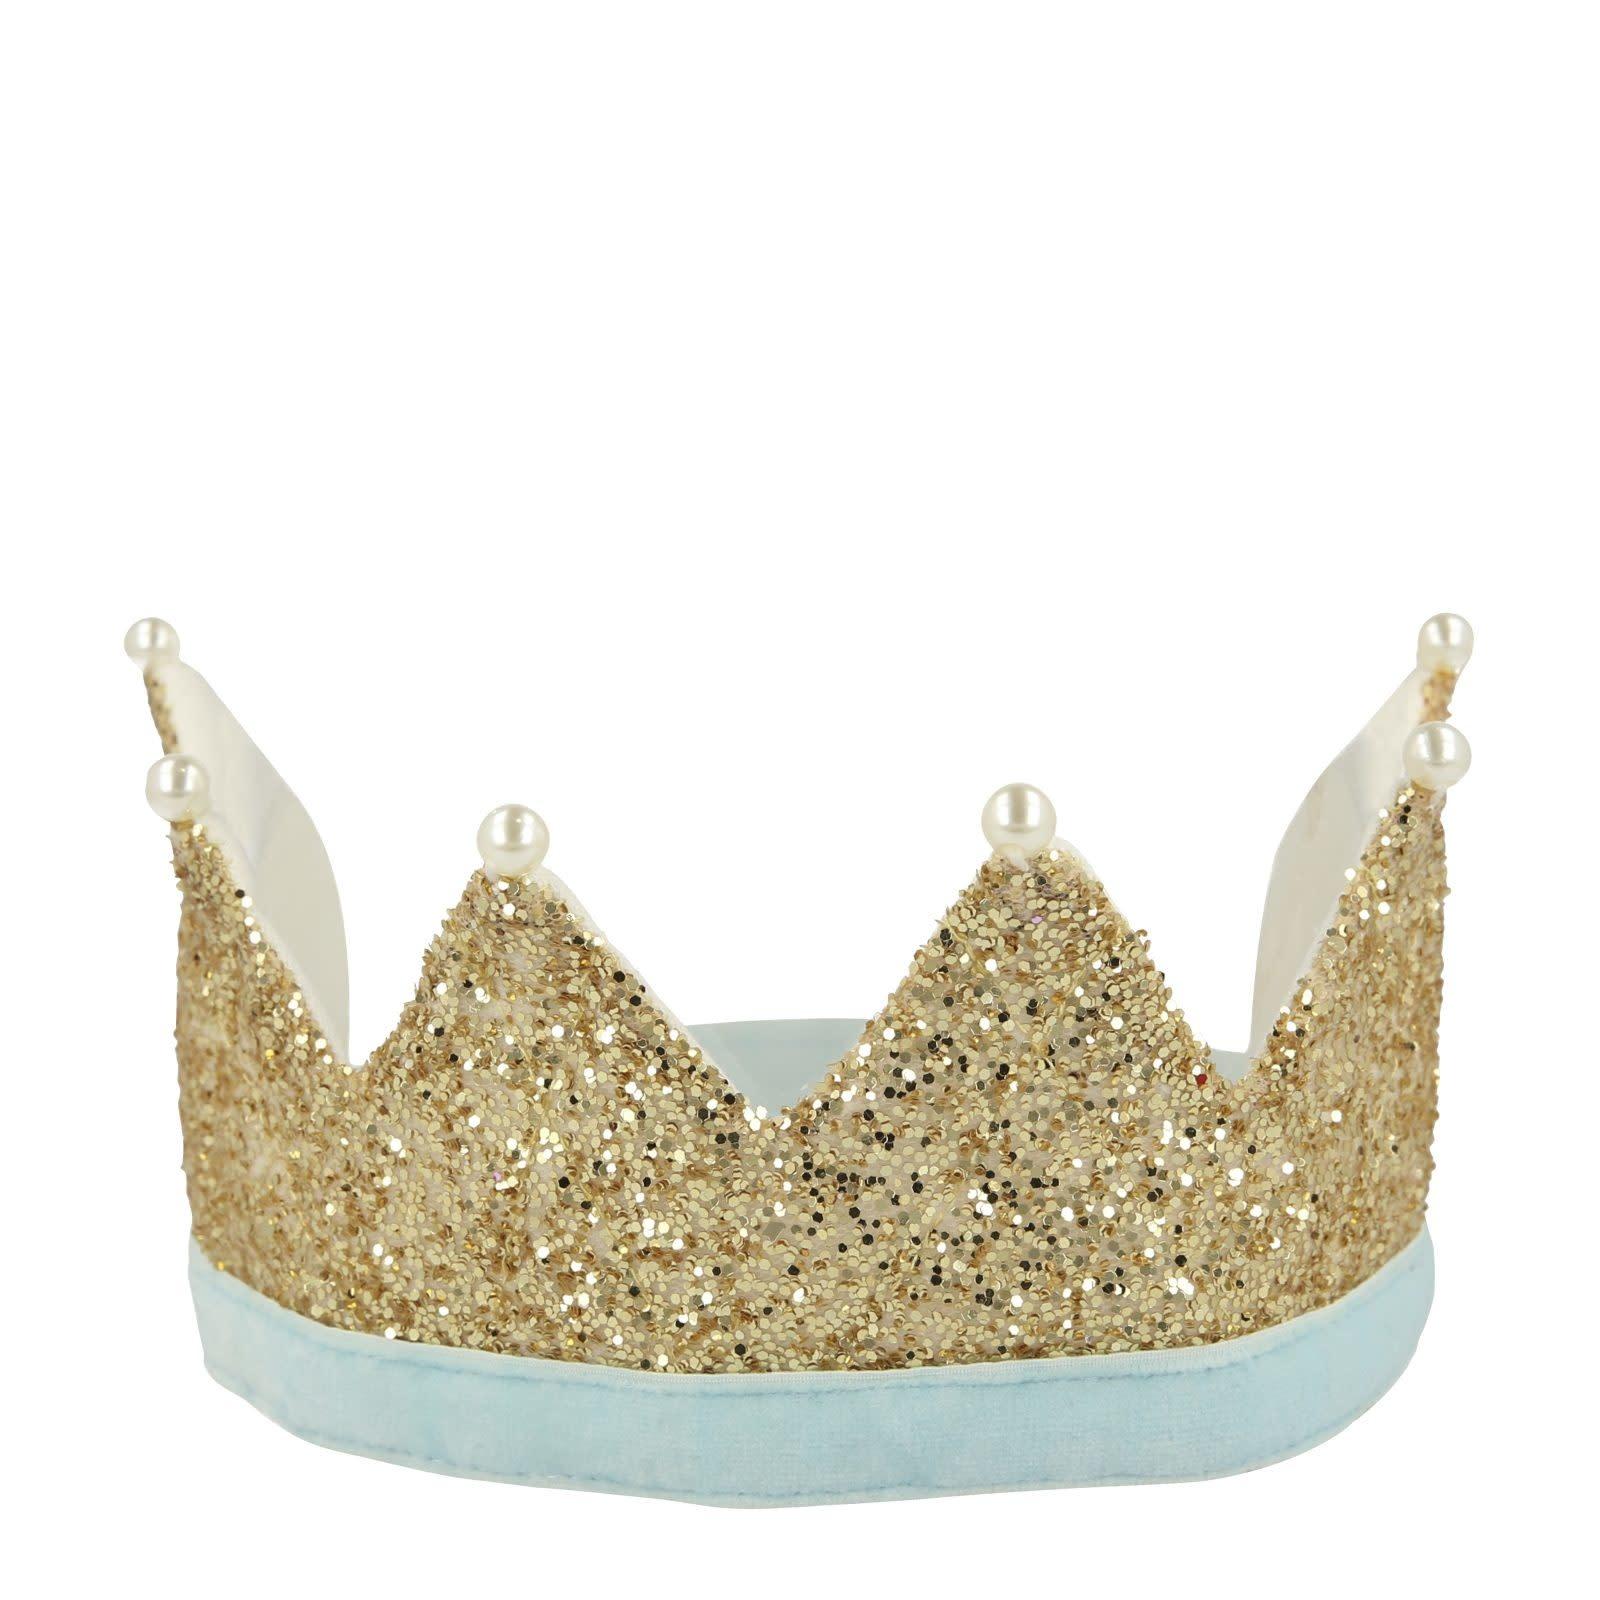 MERIMERI Gold & pearl crown